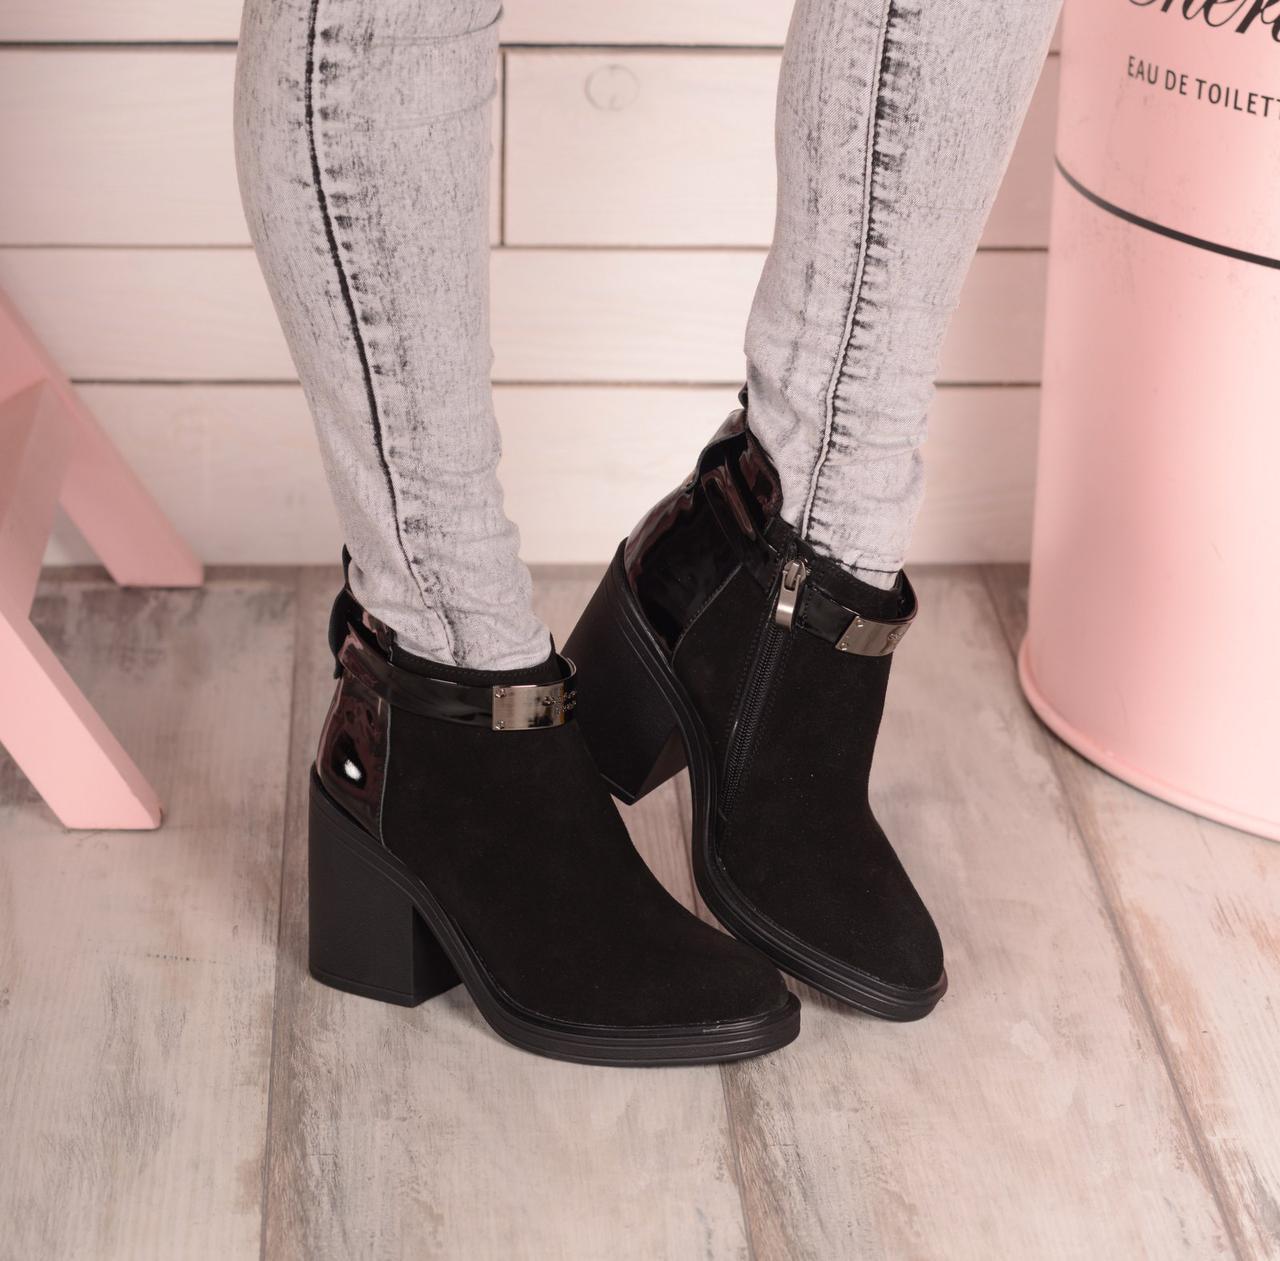 991709afe Женские замшевые ботинки на небольшом широком каблуке, осенние, ...